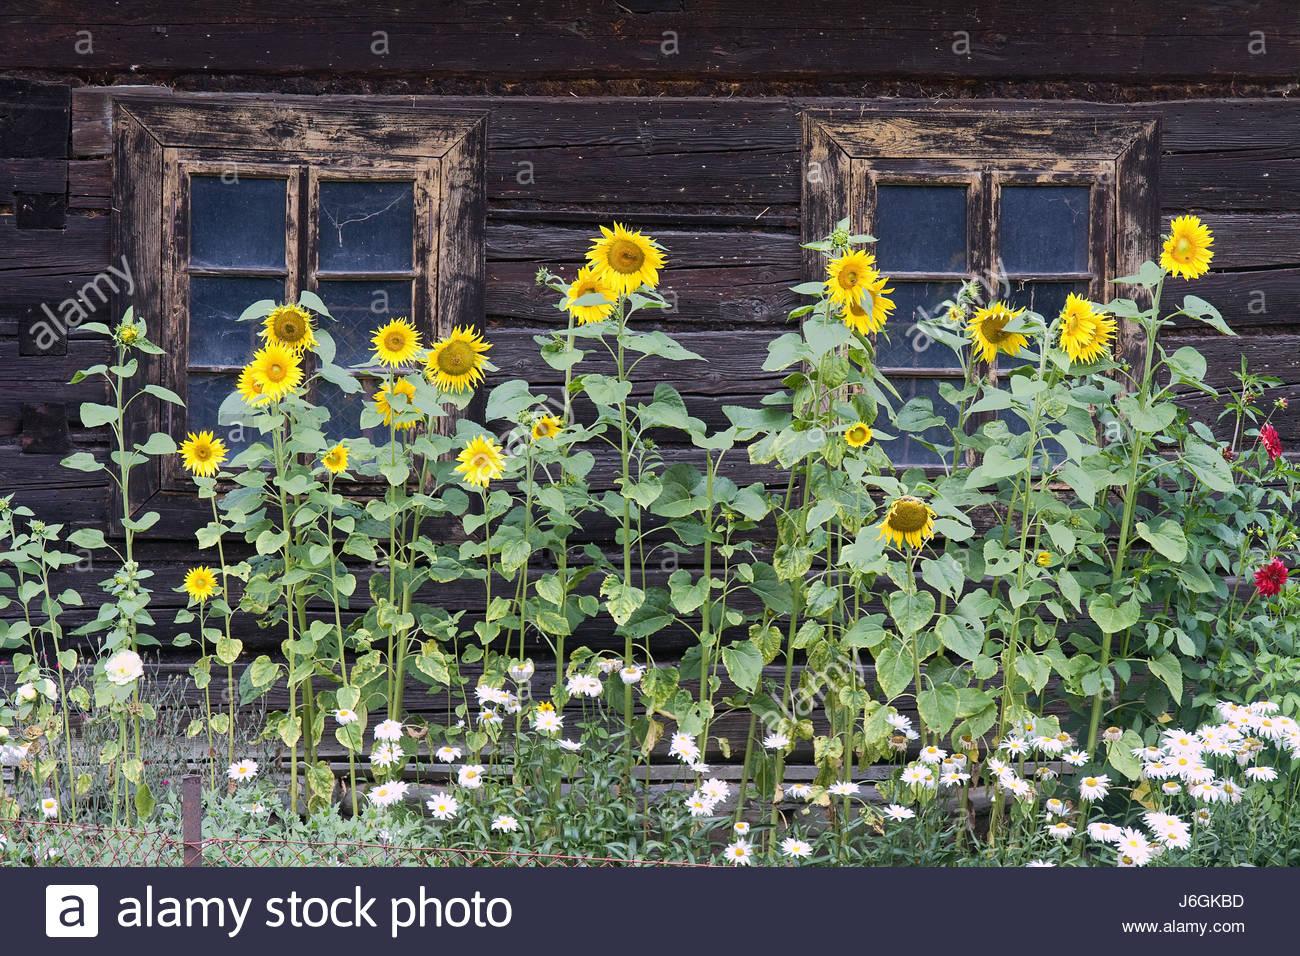 garden flower plant sunflower cottage country cabin hut garden flower plant - Stock Image